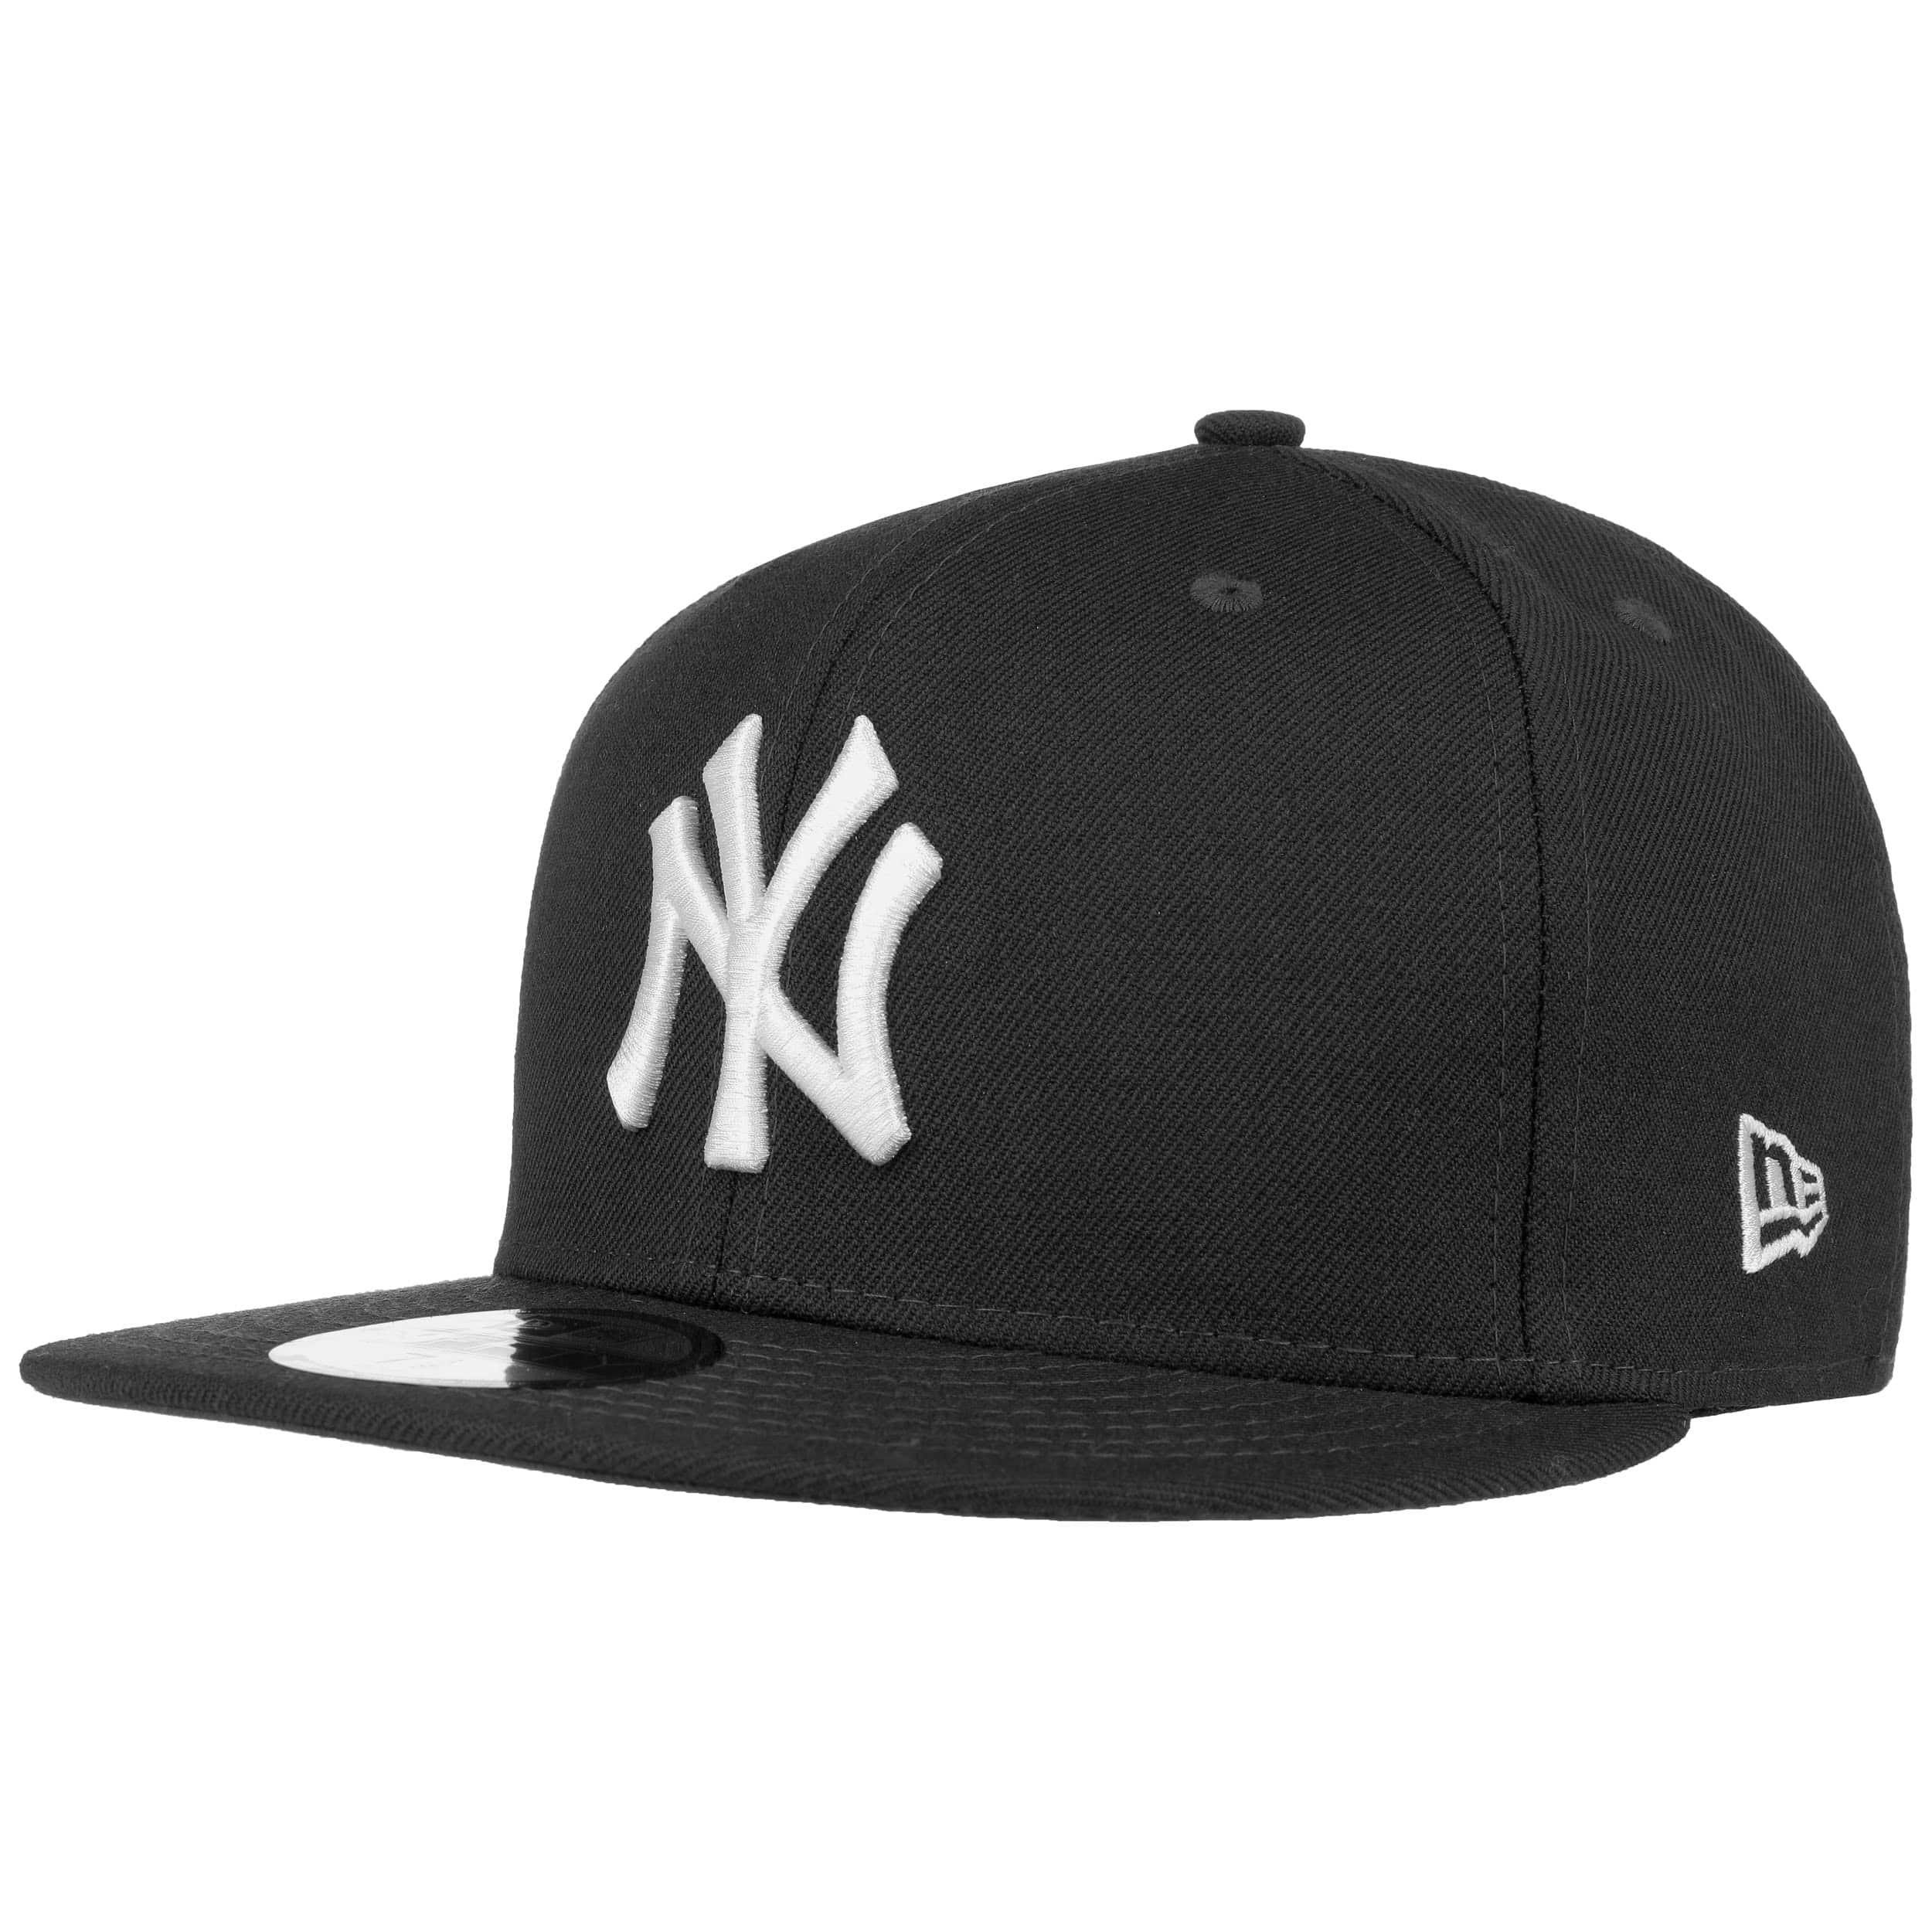 2b33c21fbf6d3 59Fifty Gorra MLB Basic NY by New Era - Gorras - sombreroshop.es